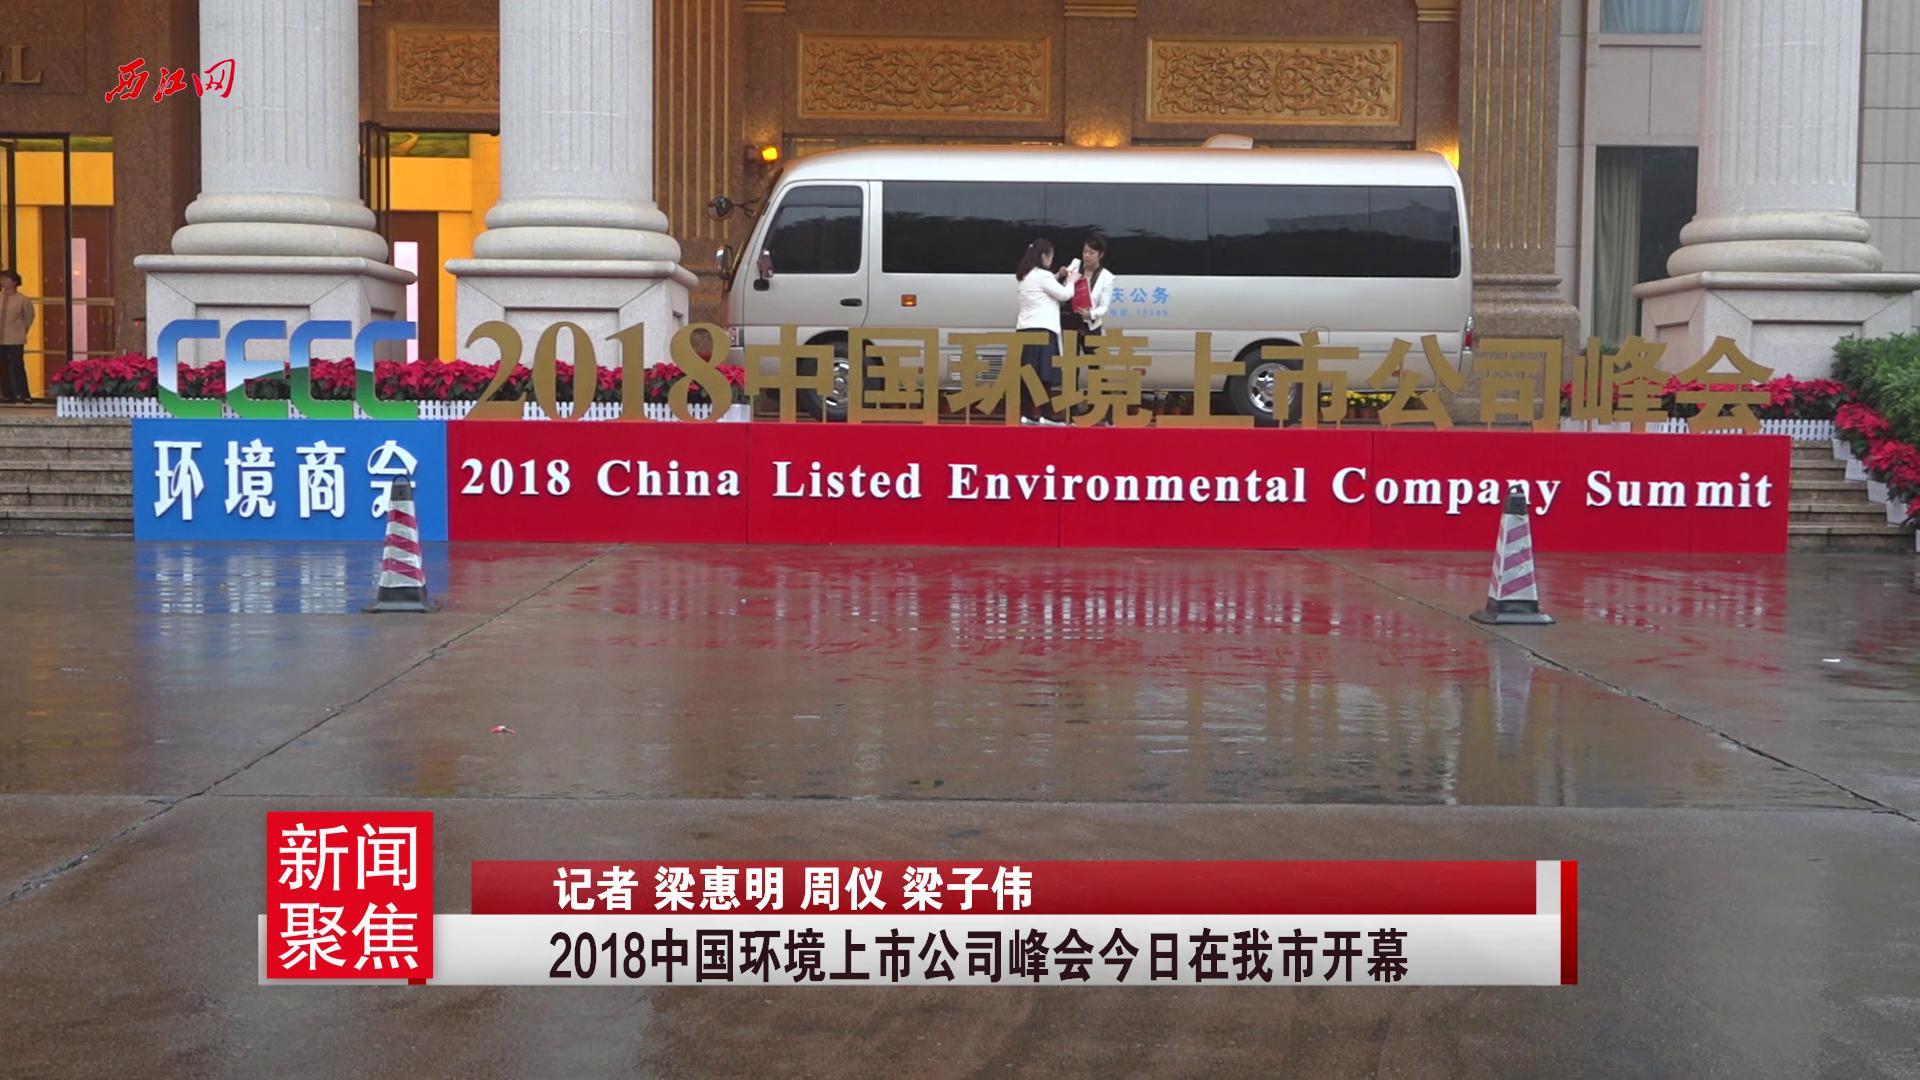 2018中国环境上市公司峰会今日在我市开幕